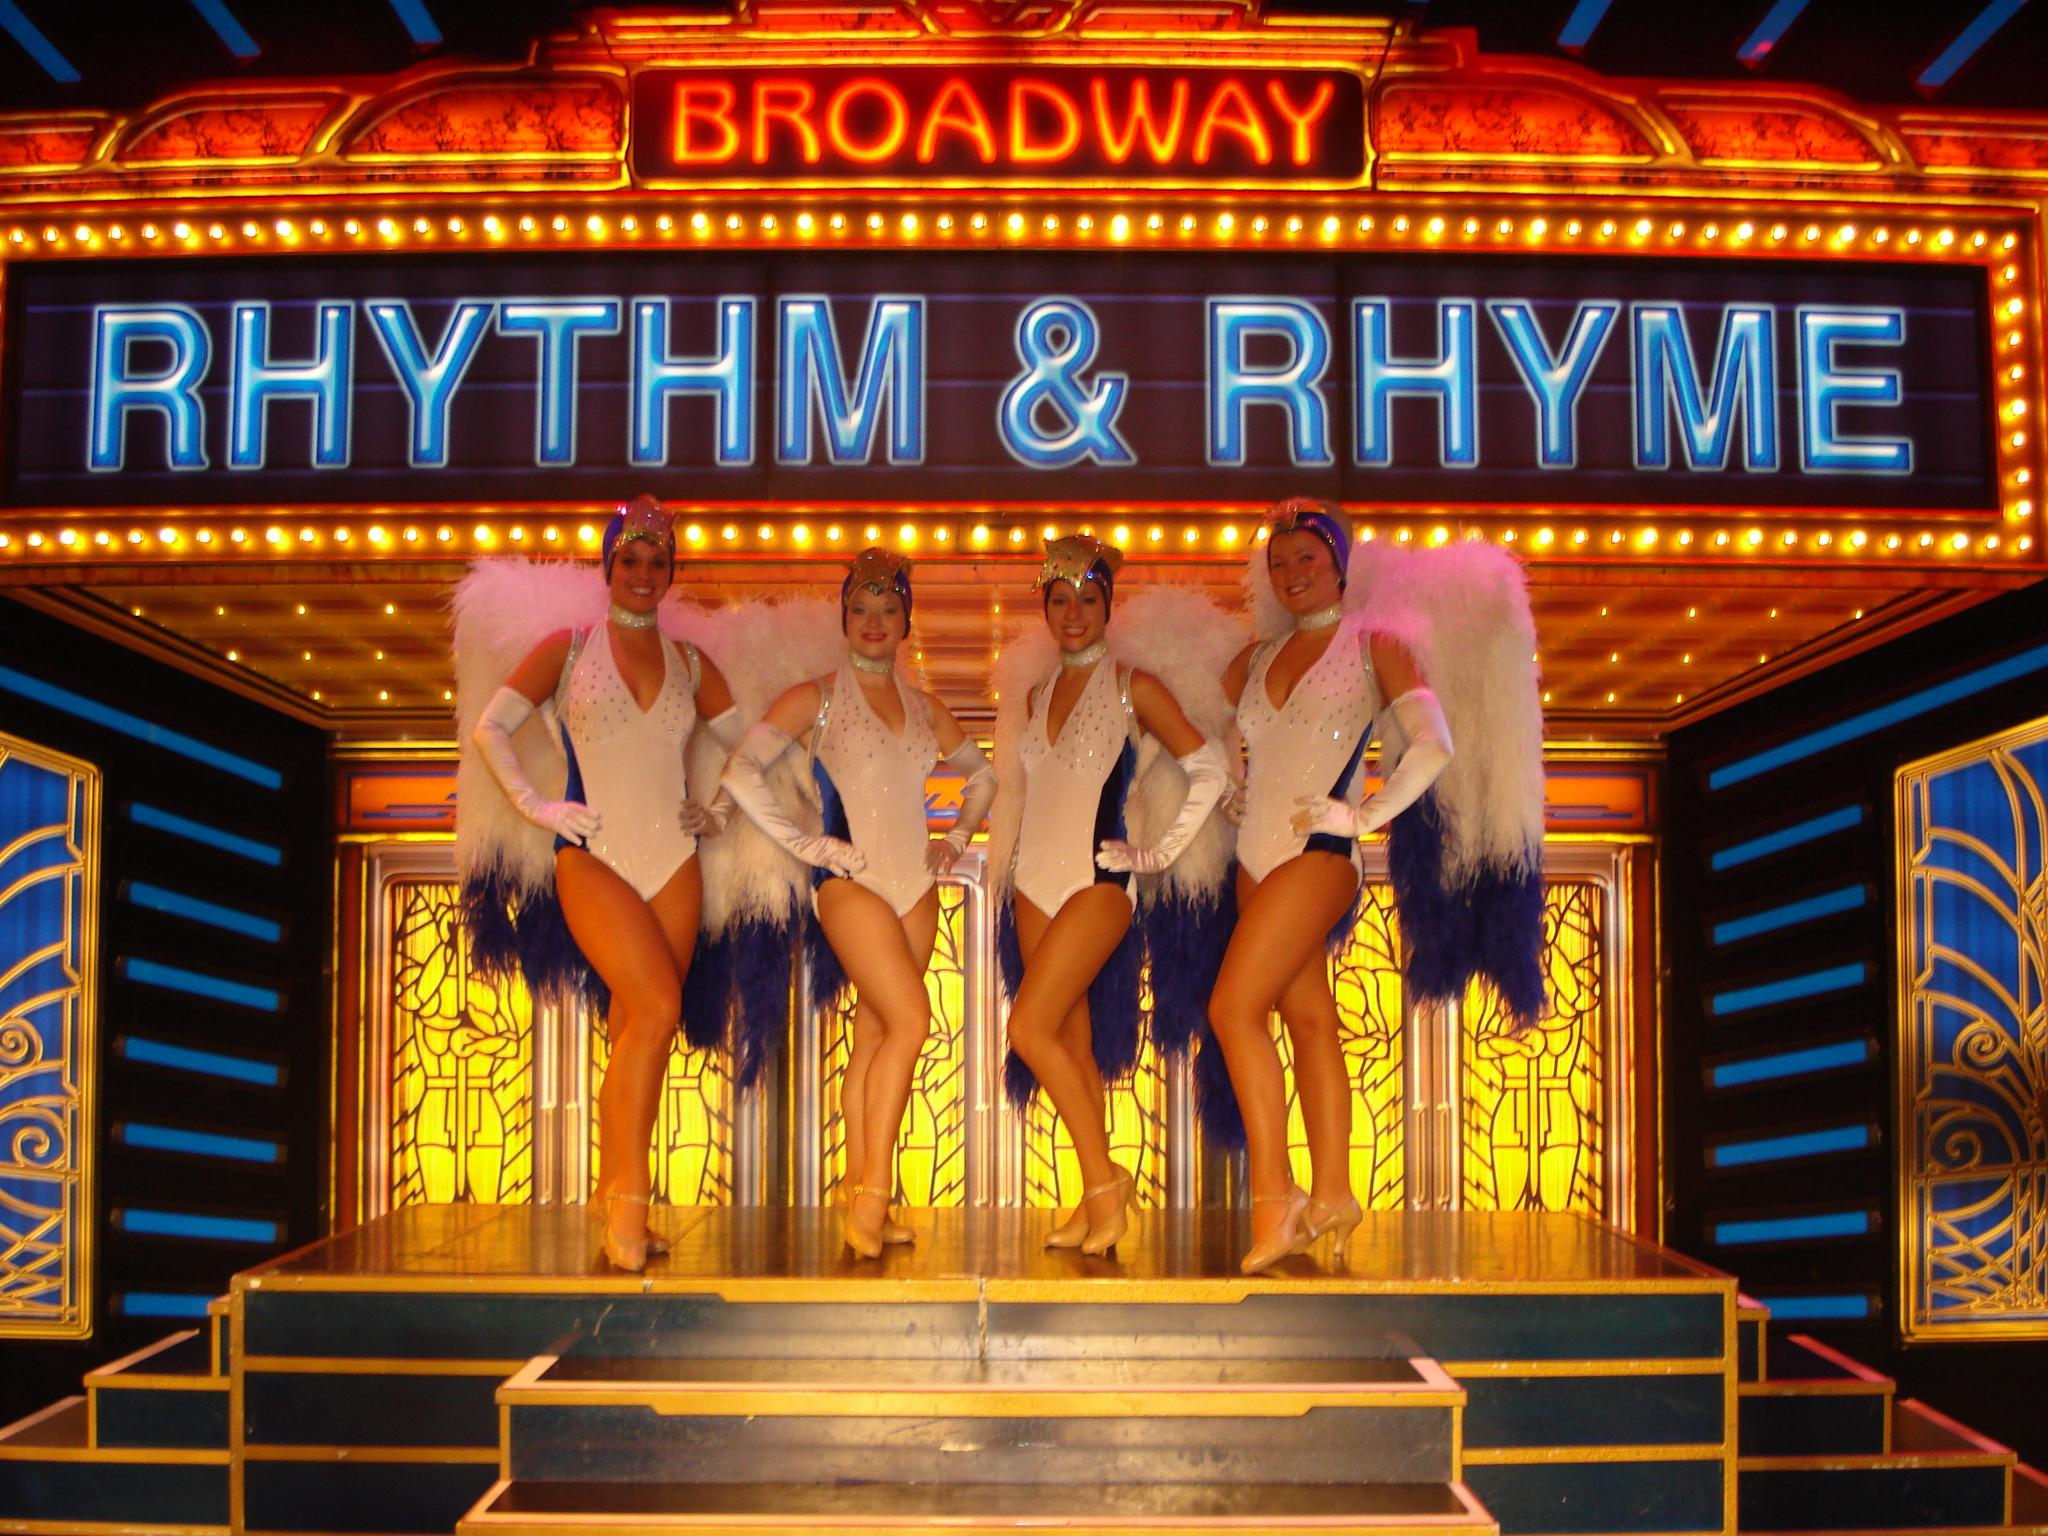 Broadway Rhythm & Rhyme